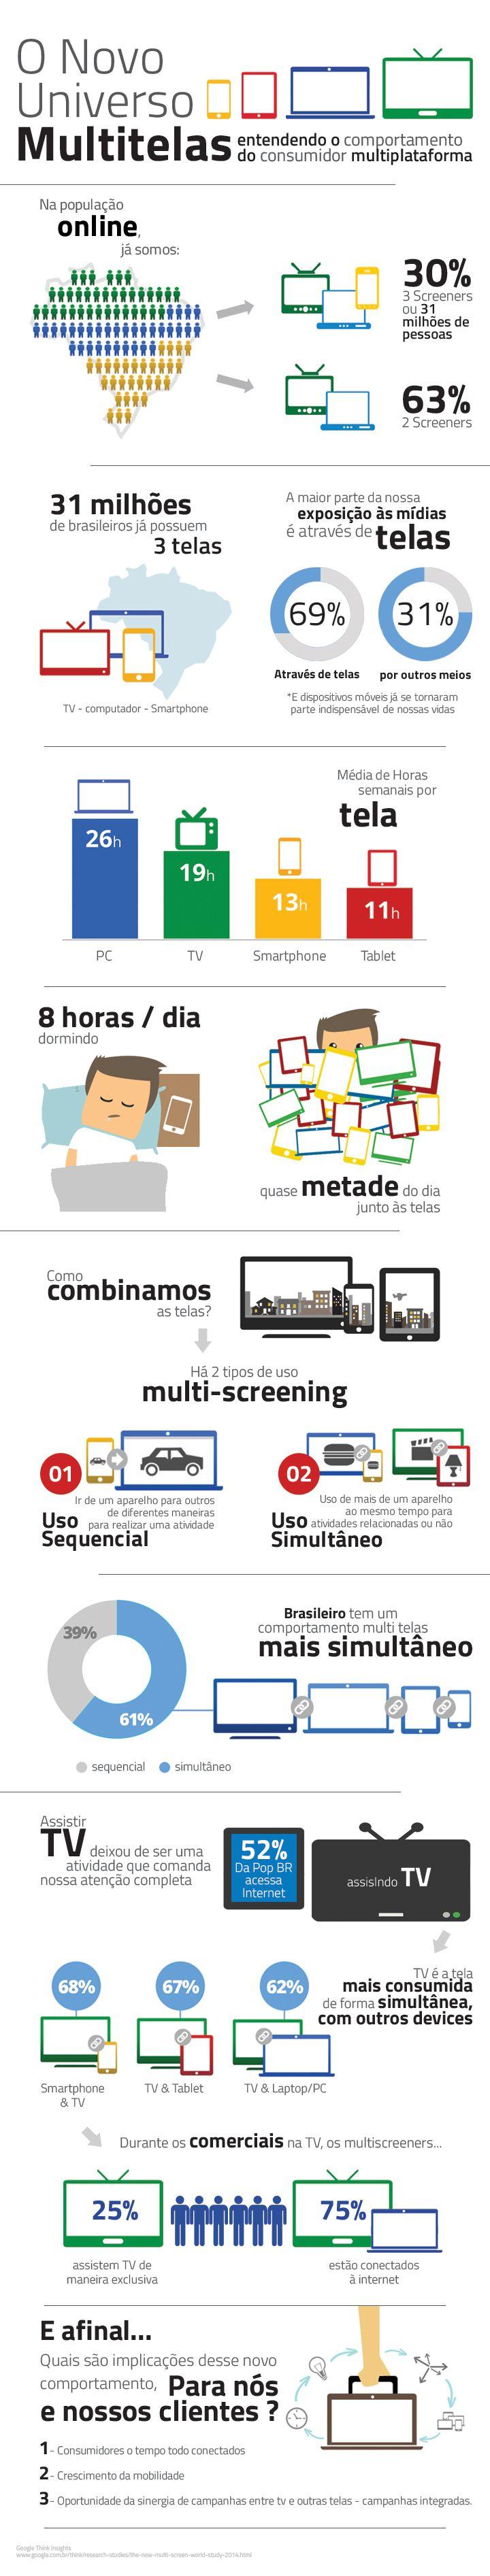 Grande parte da exposição que sofremos às mídias acontece através de telas. Basicamente, quanto mais telas, mais oportunidades para atingir o seu público-alvo! #infográfico #marketingdigital